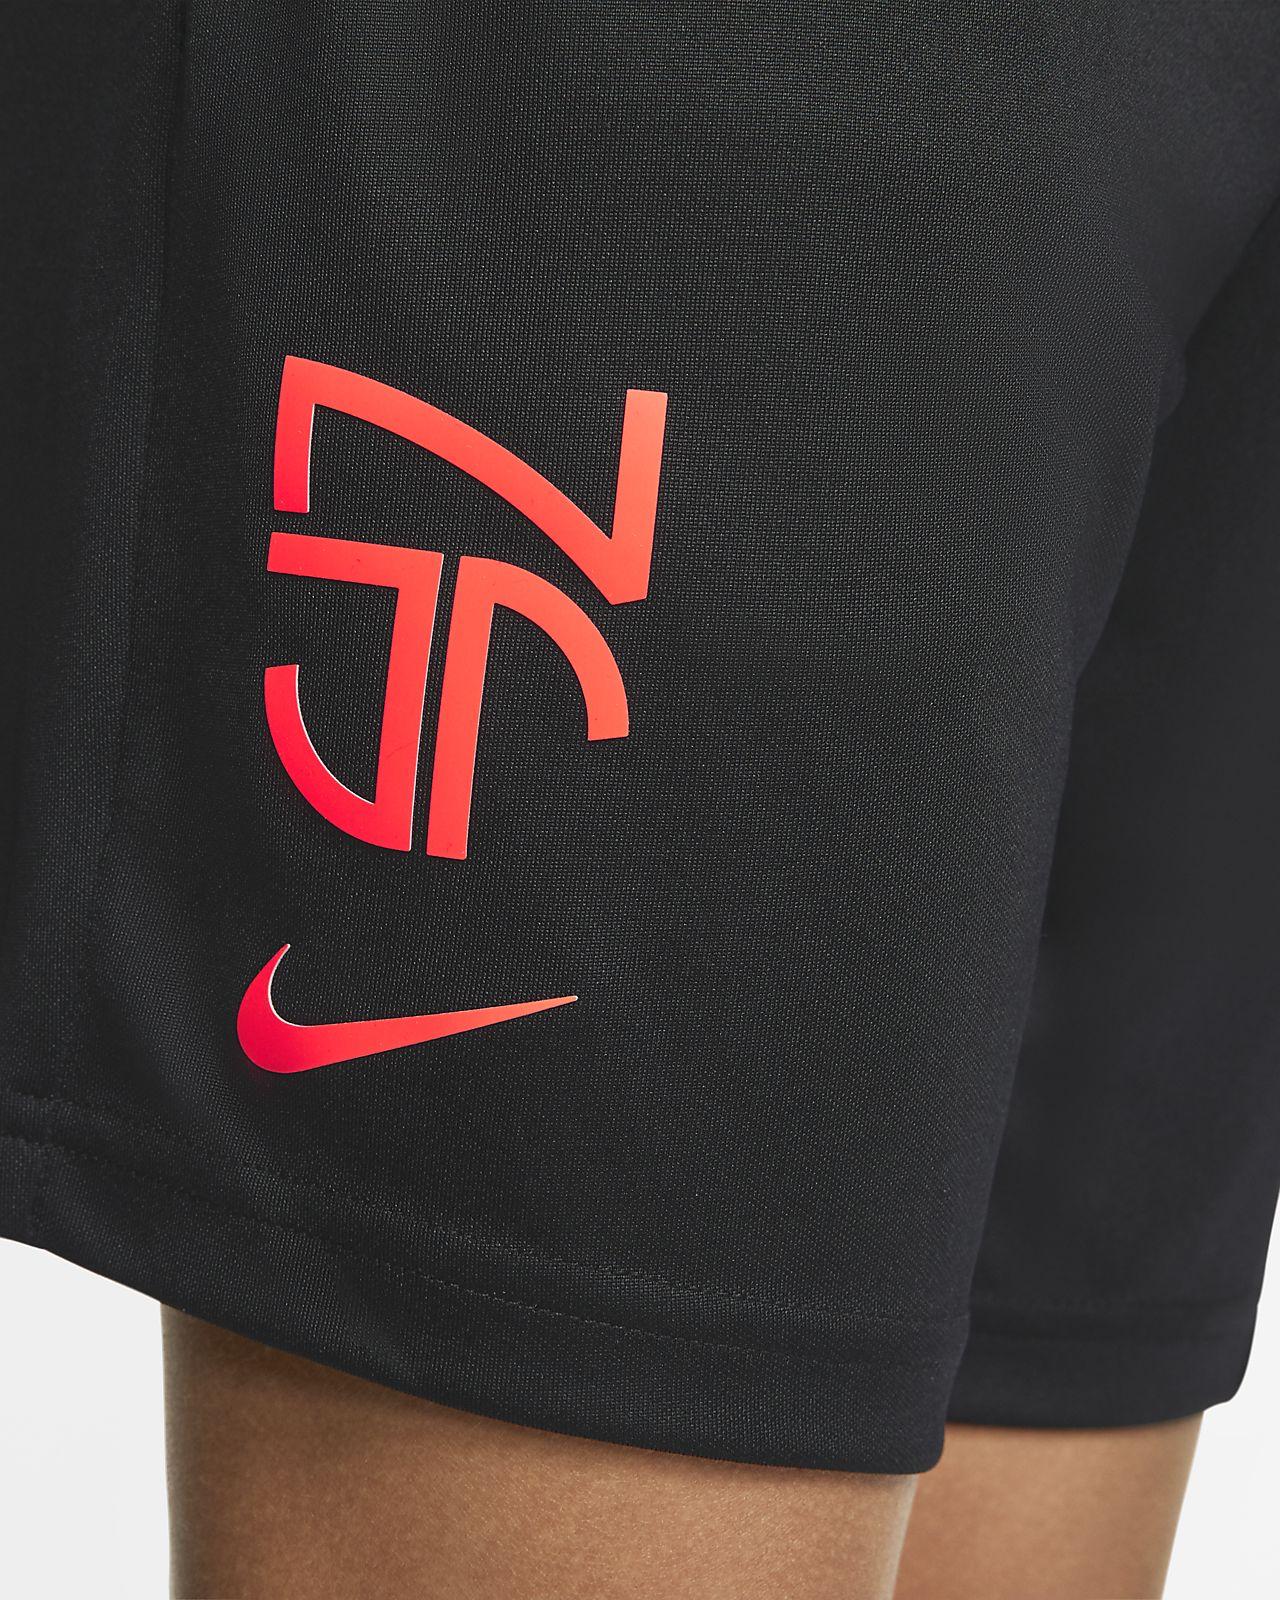 Short de football Nike Dri FIT Neymar Jr. pour Enfant plus âgé